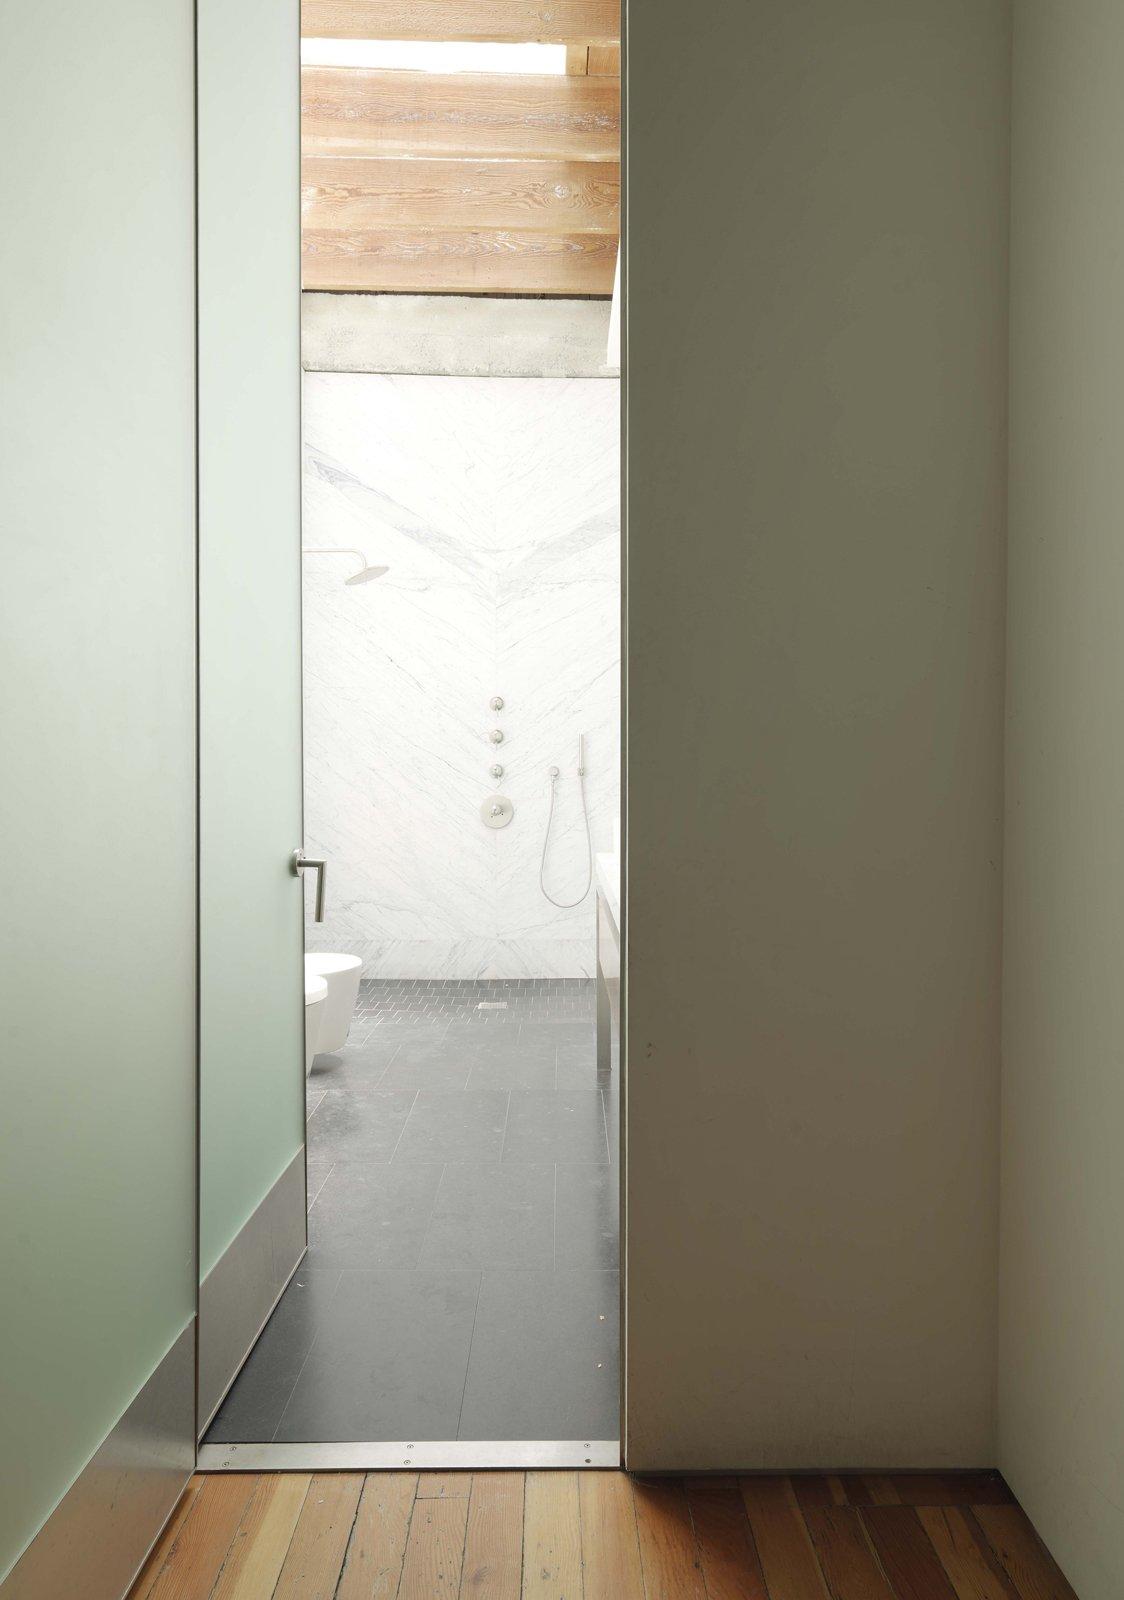 #bath&spa #interior #modern #design #hallway #bathroom #naturallight #industrialdesign #architecture #metalwork